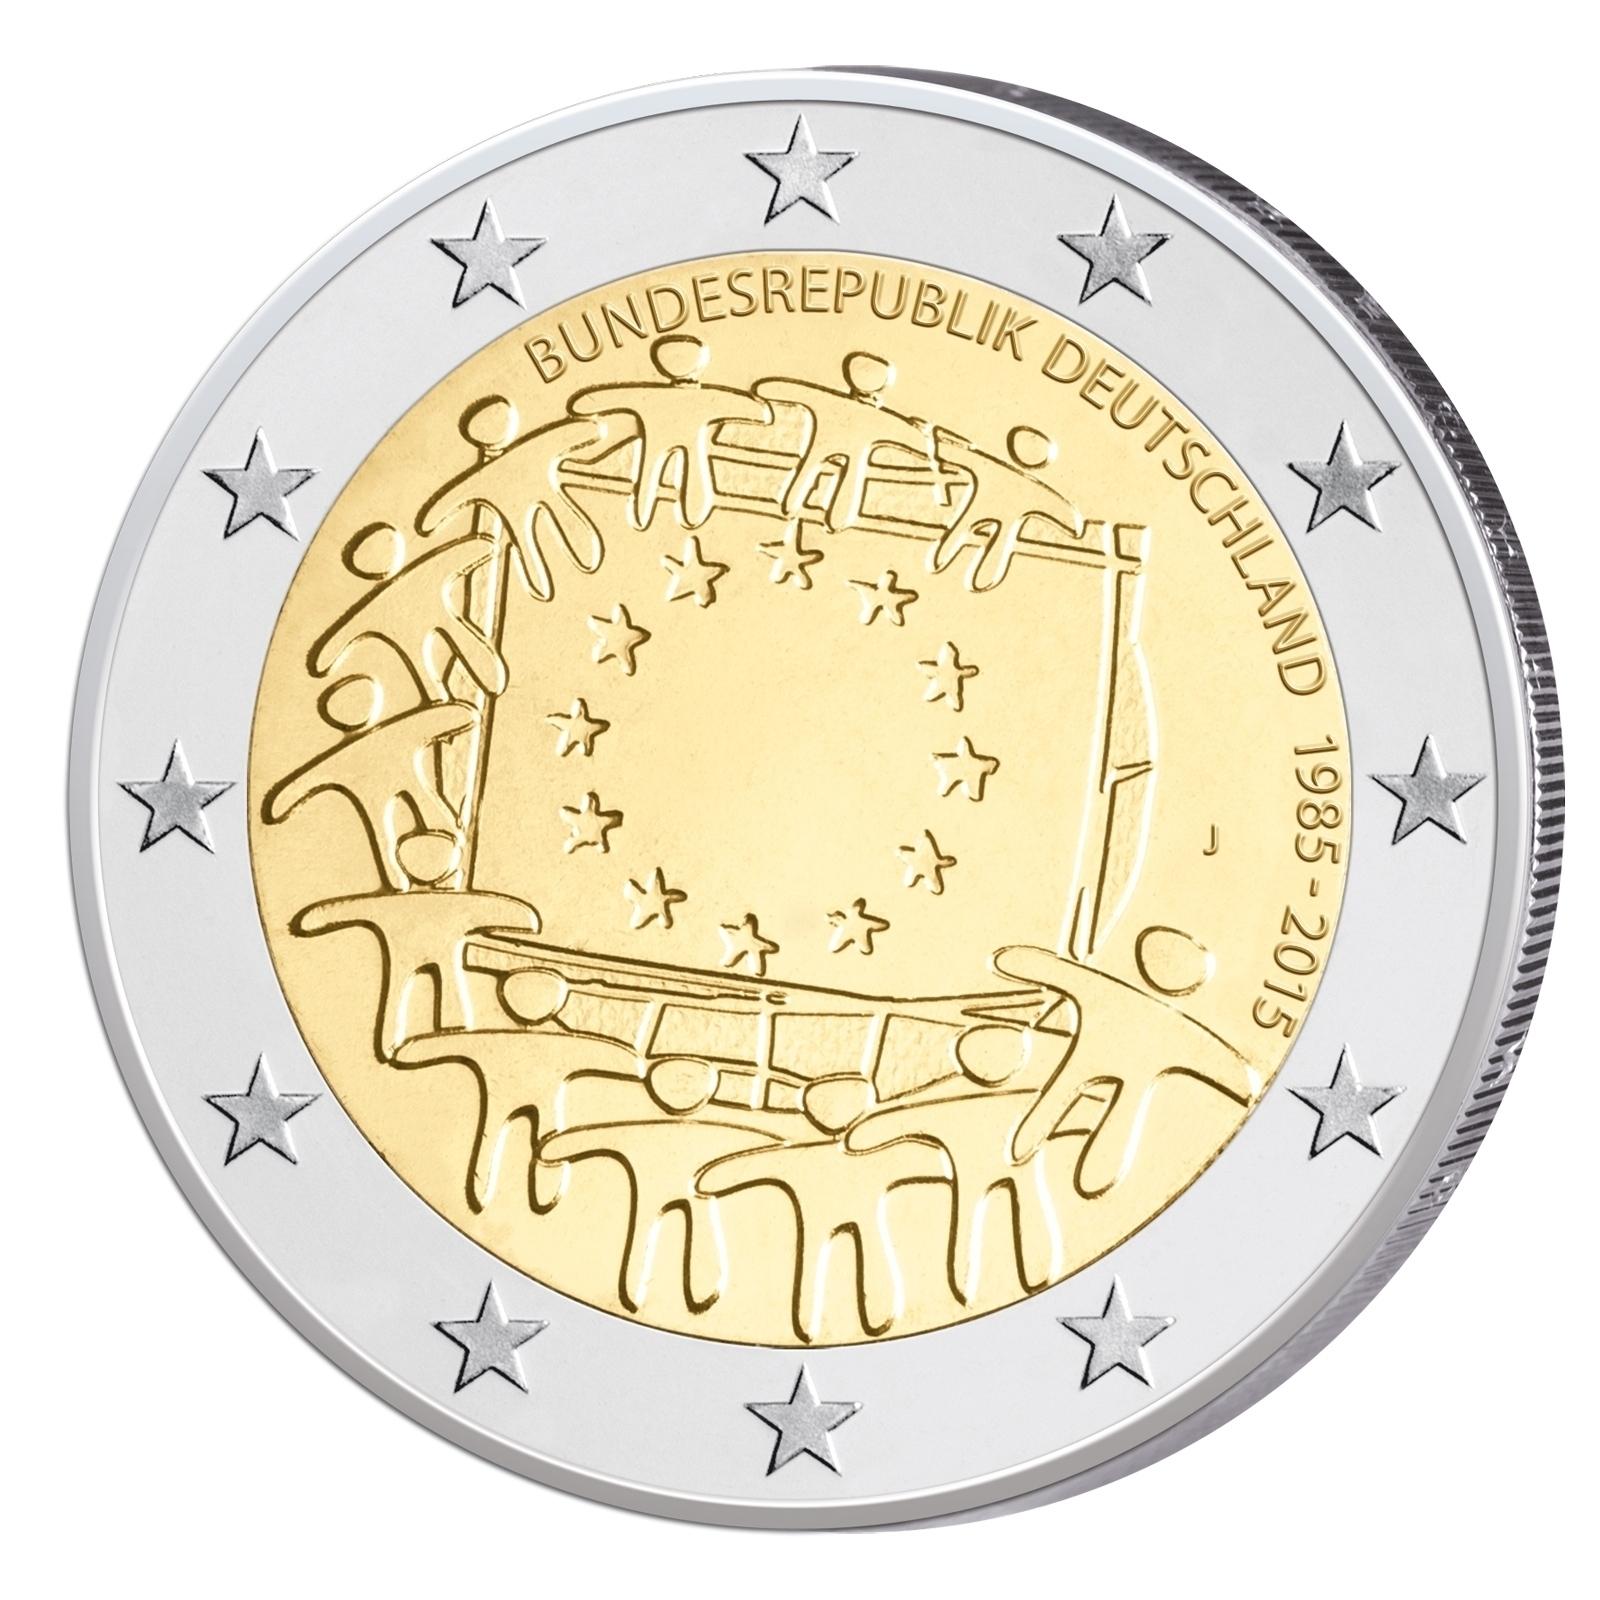 2 € münzen wert